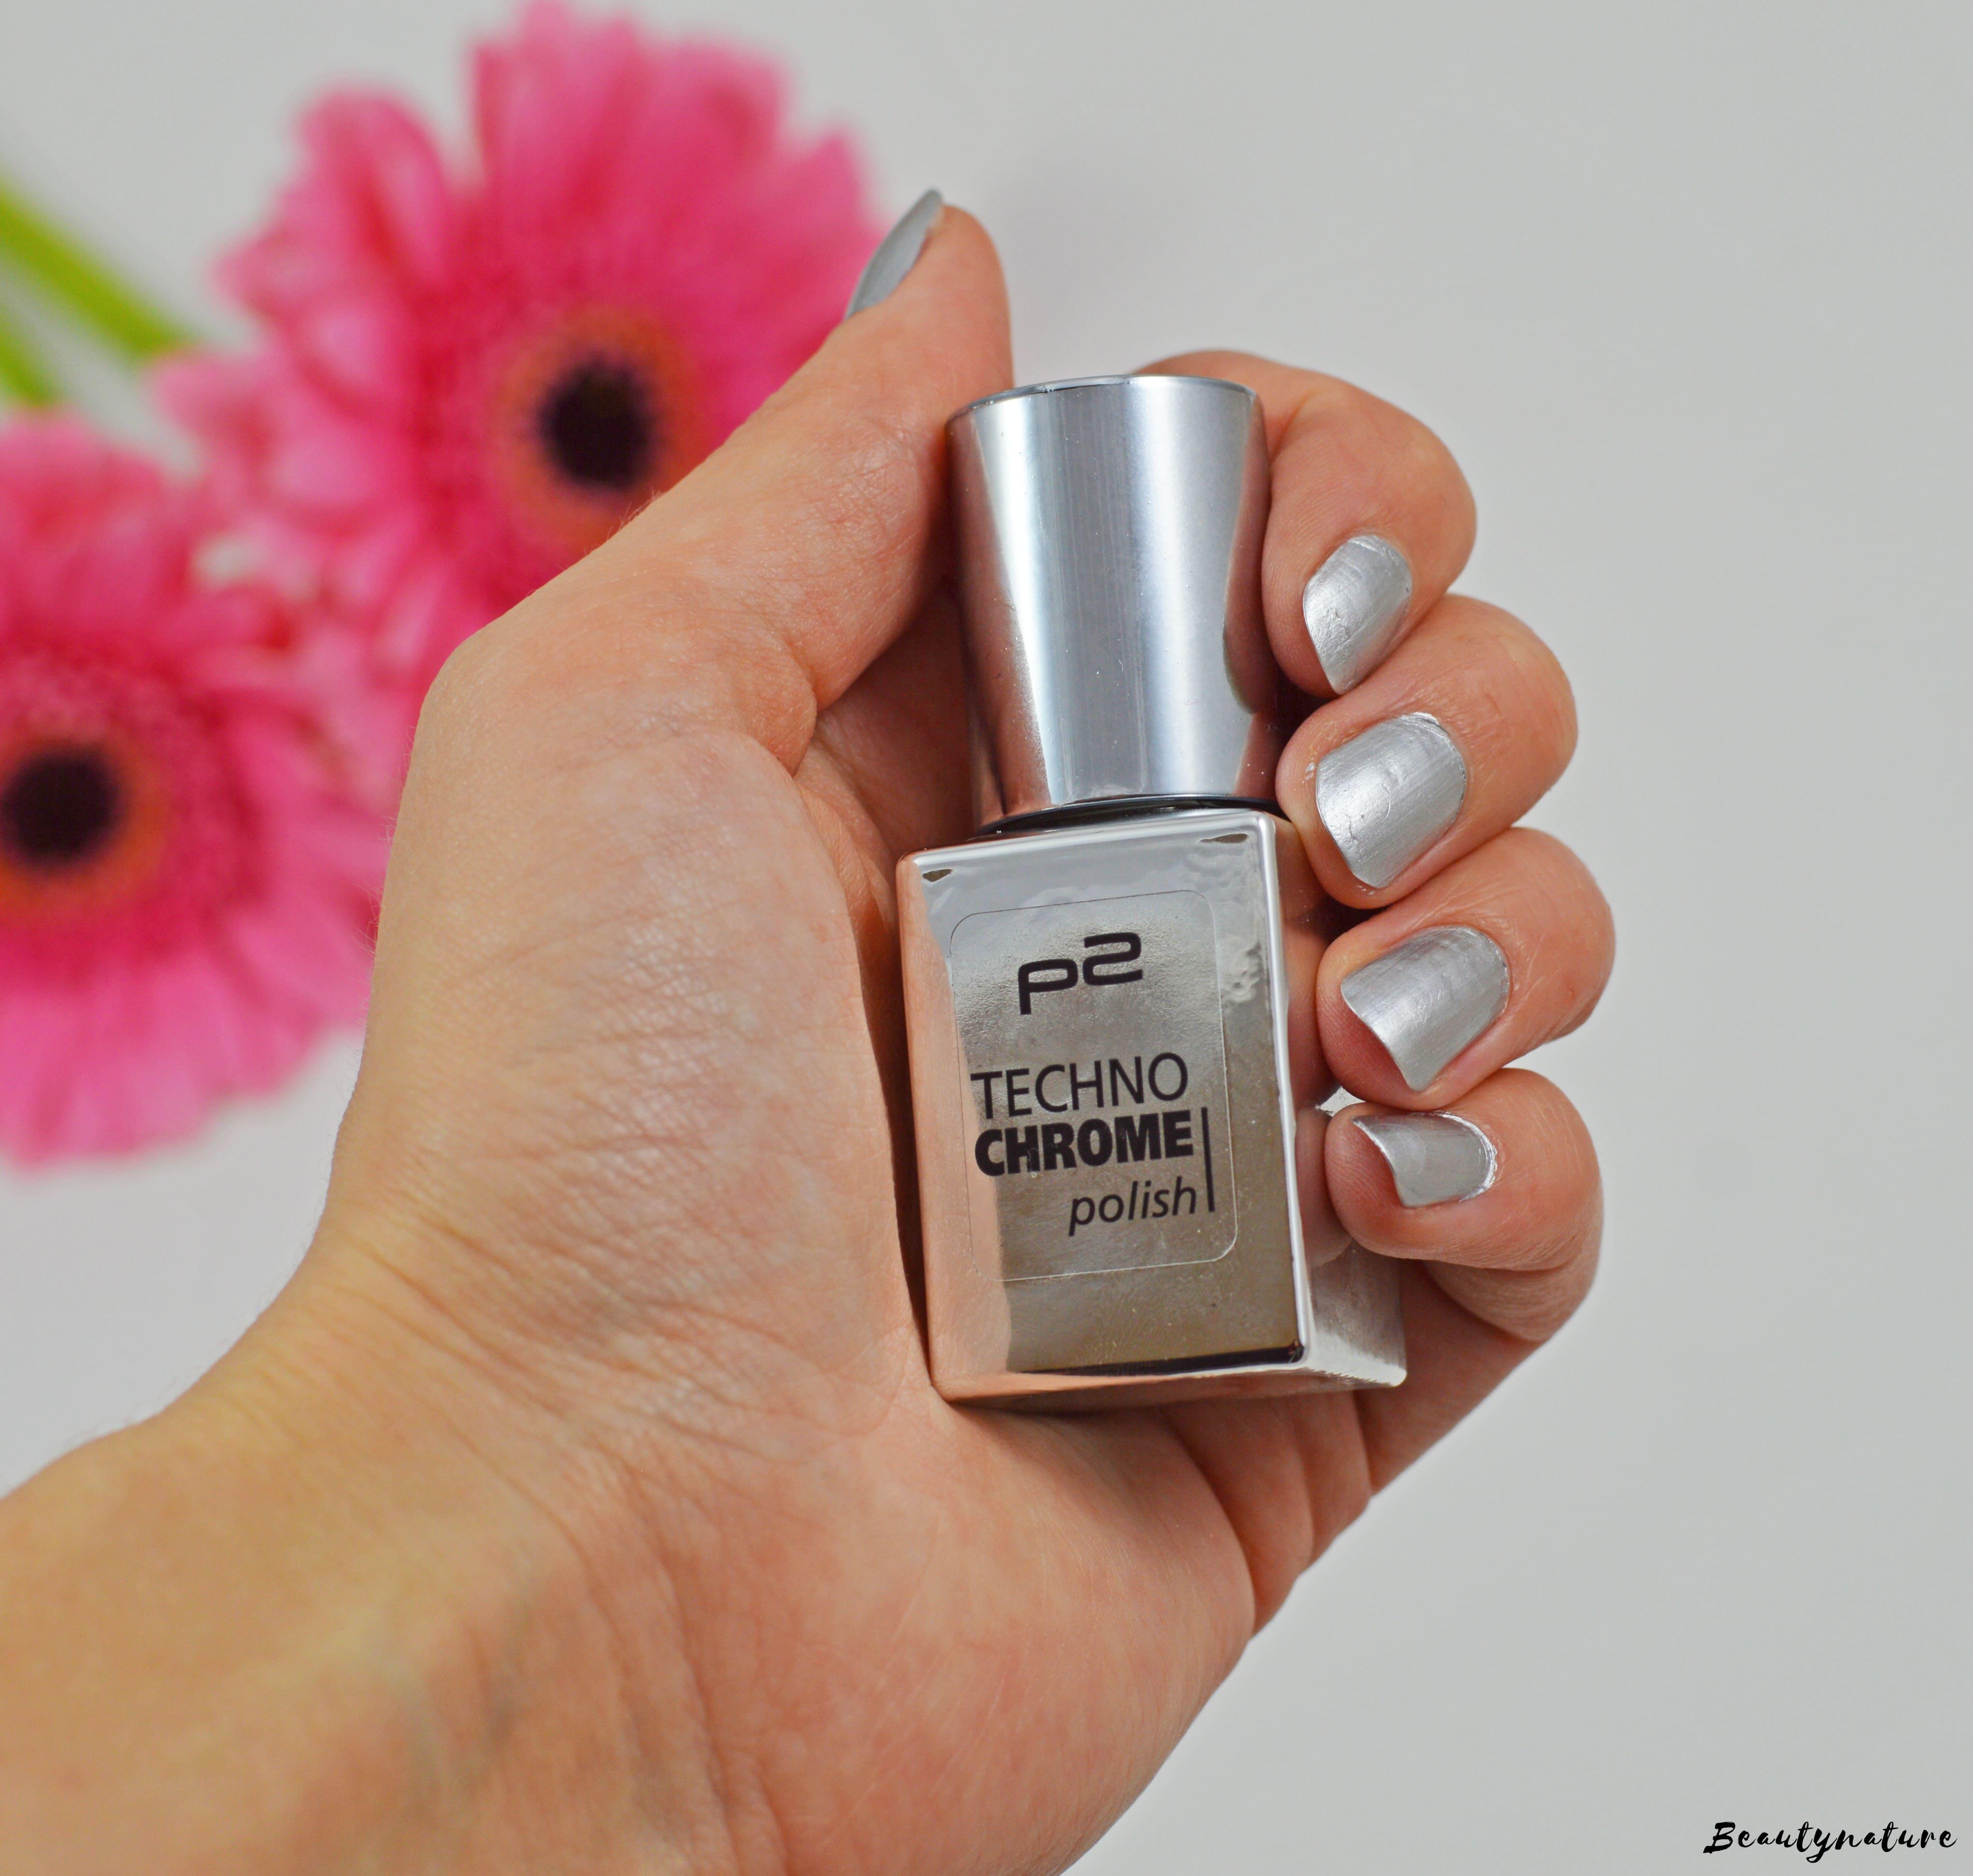 p2 techno chrome polish